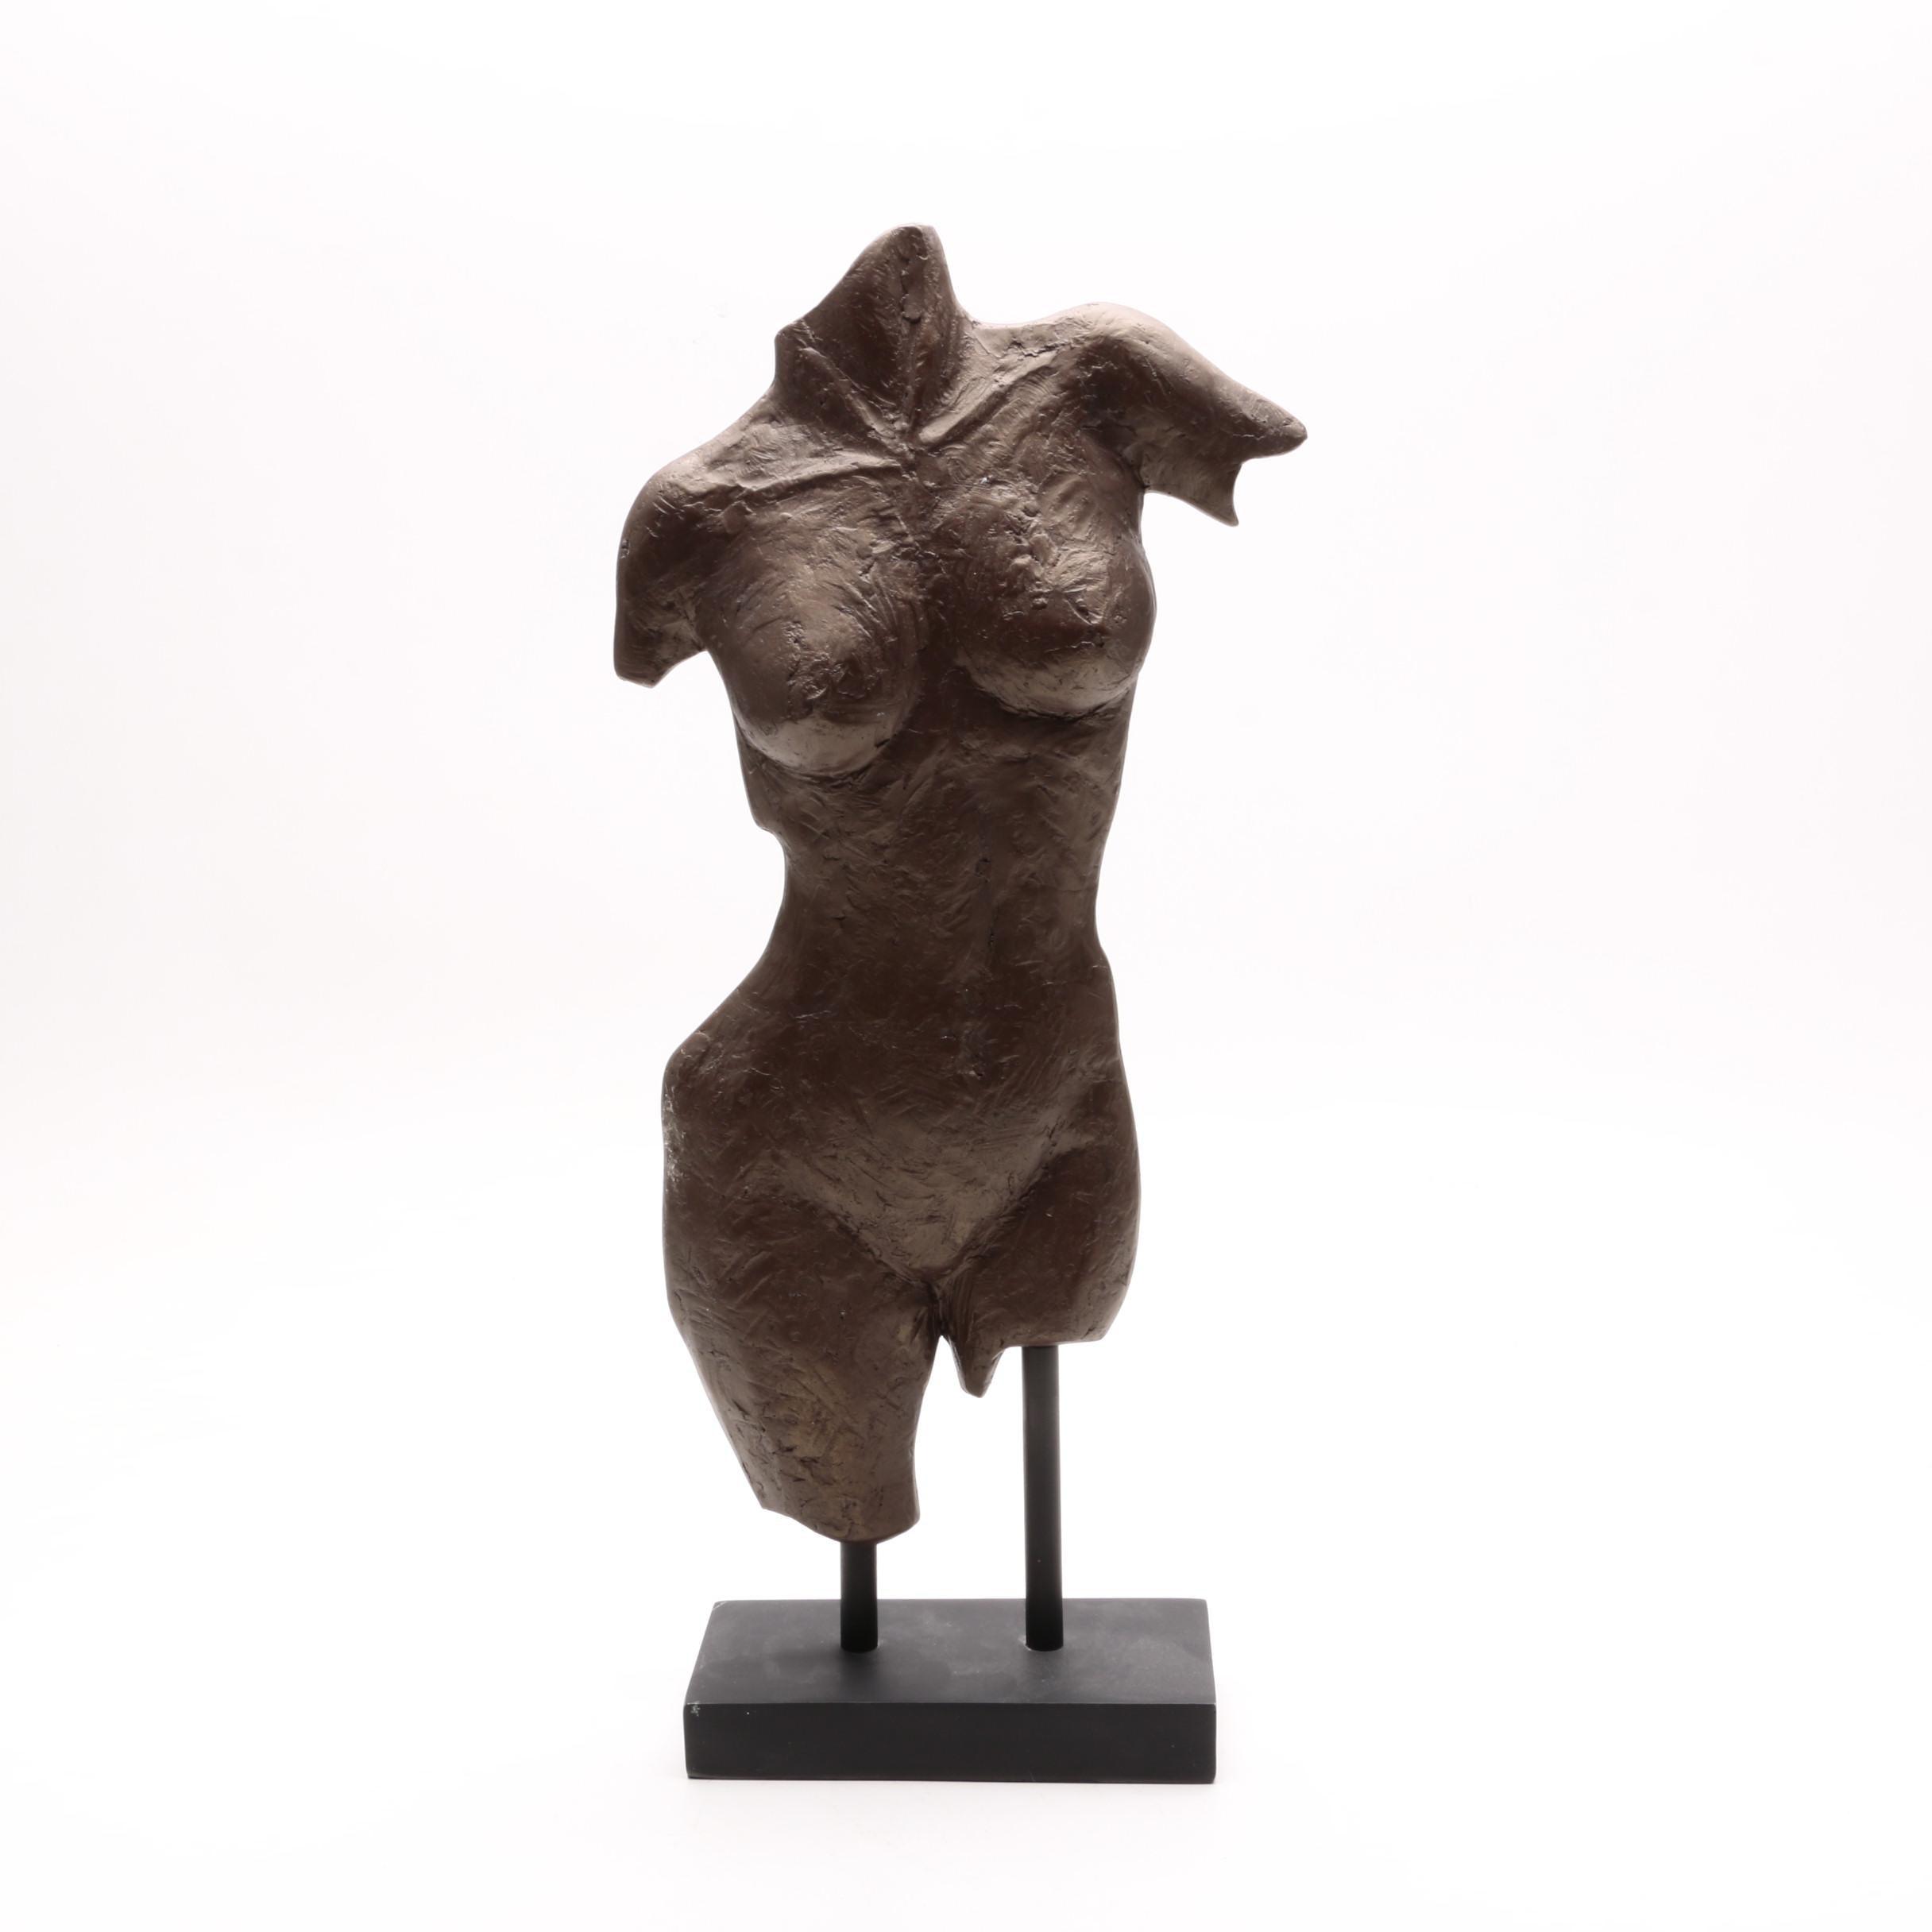 Cast Metal Sculpture of a Woman's Torso